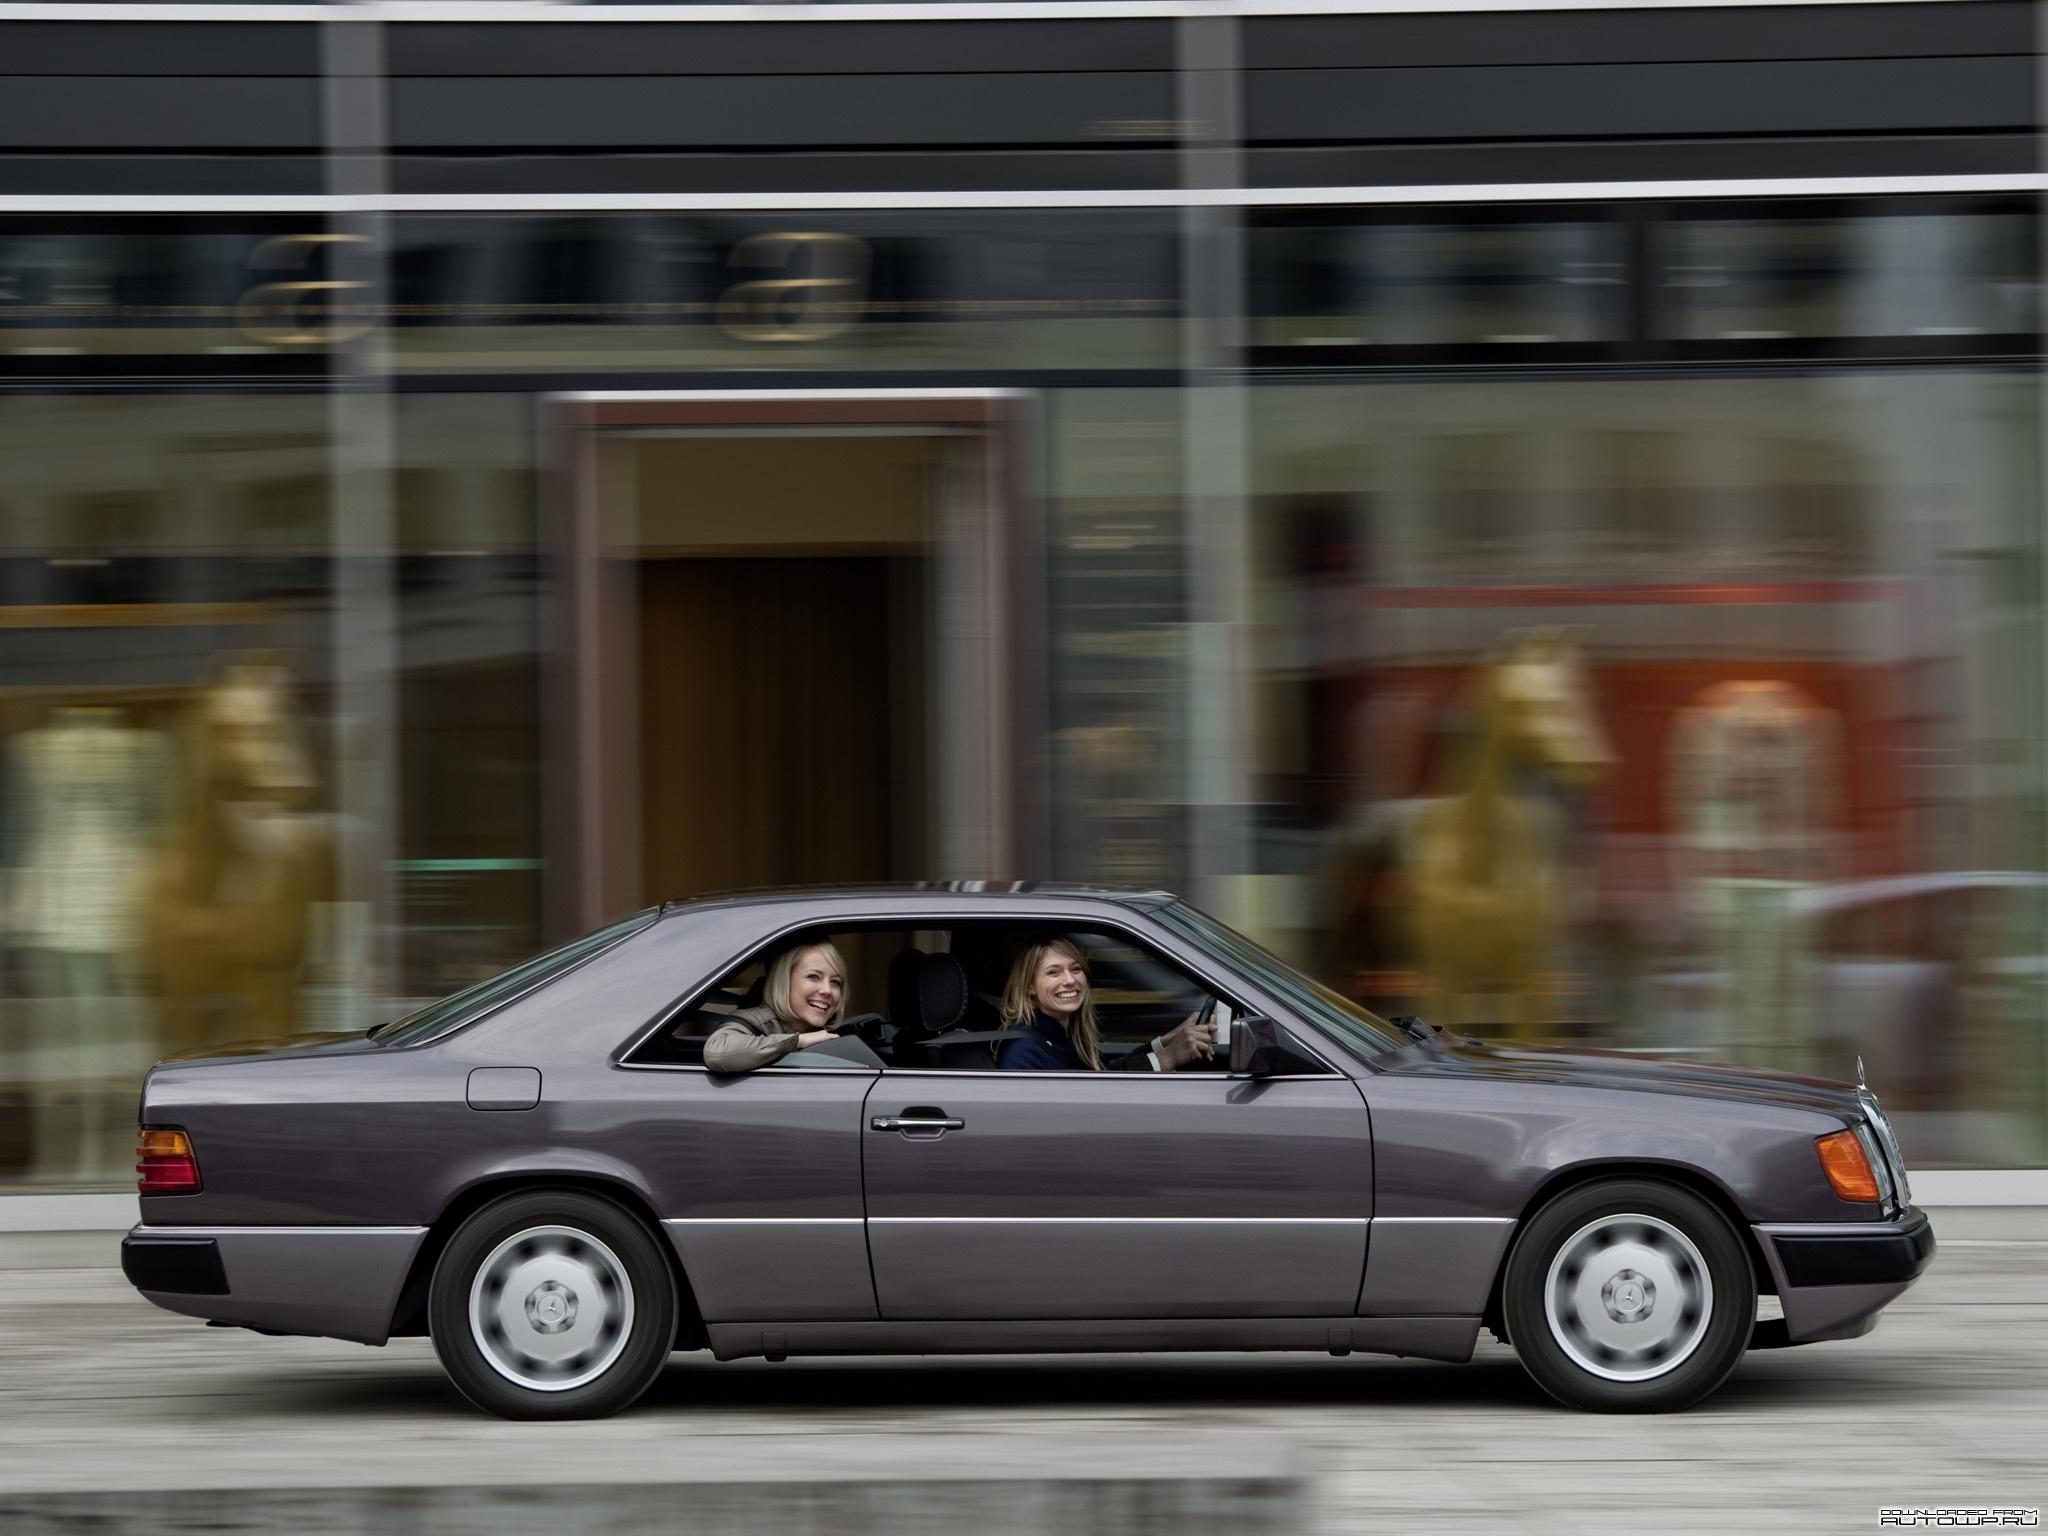 Mercedes benz e class coupe c124 photos photogallery for E class coupe mercedes benz